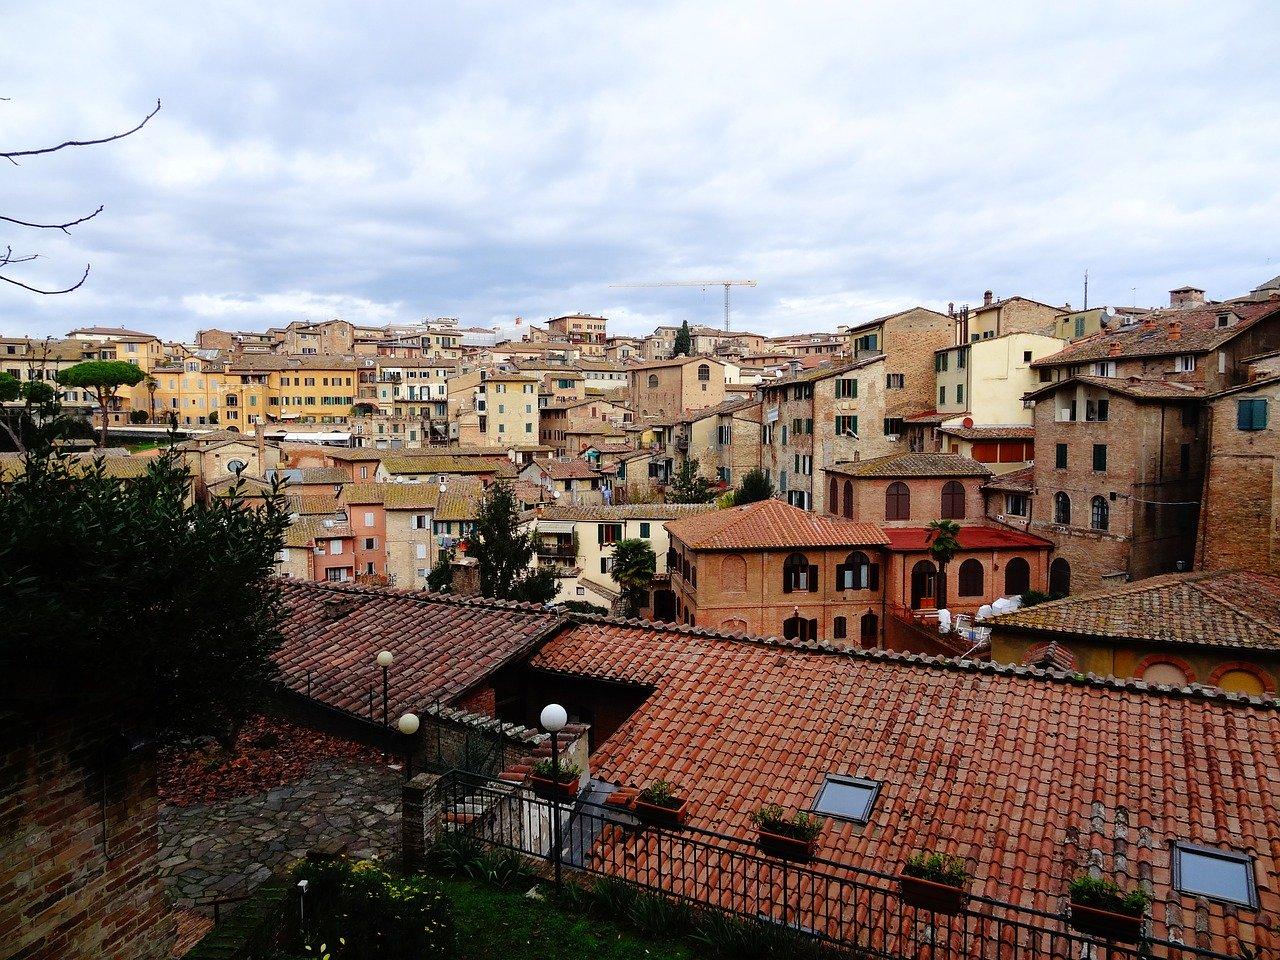 Habitaciones para estudiantes en Siena